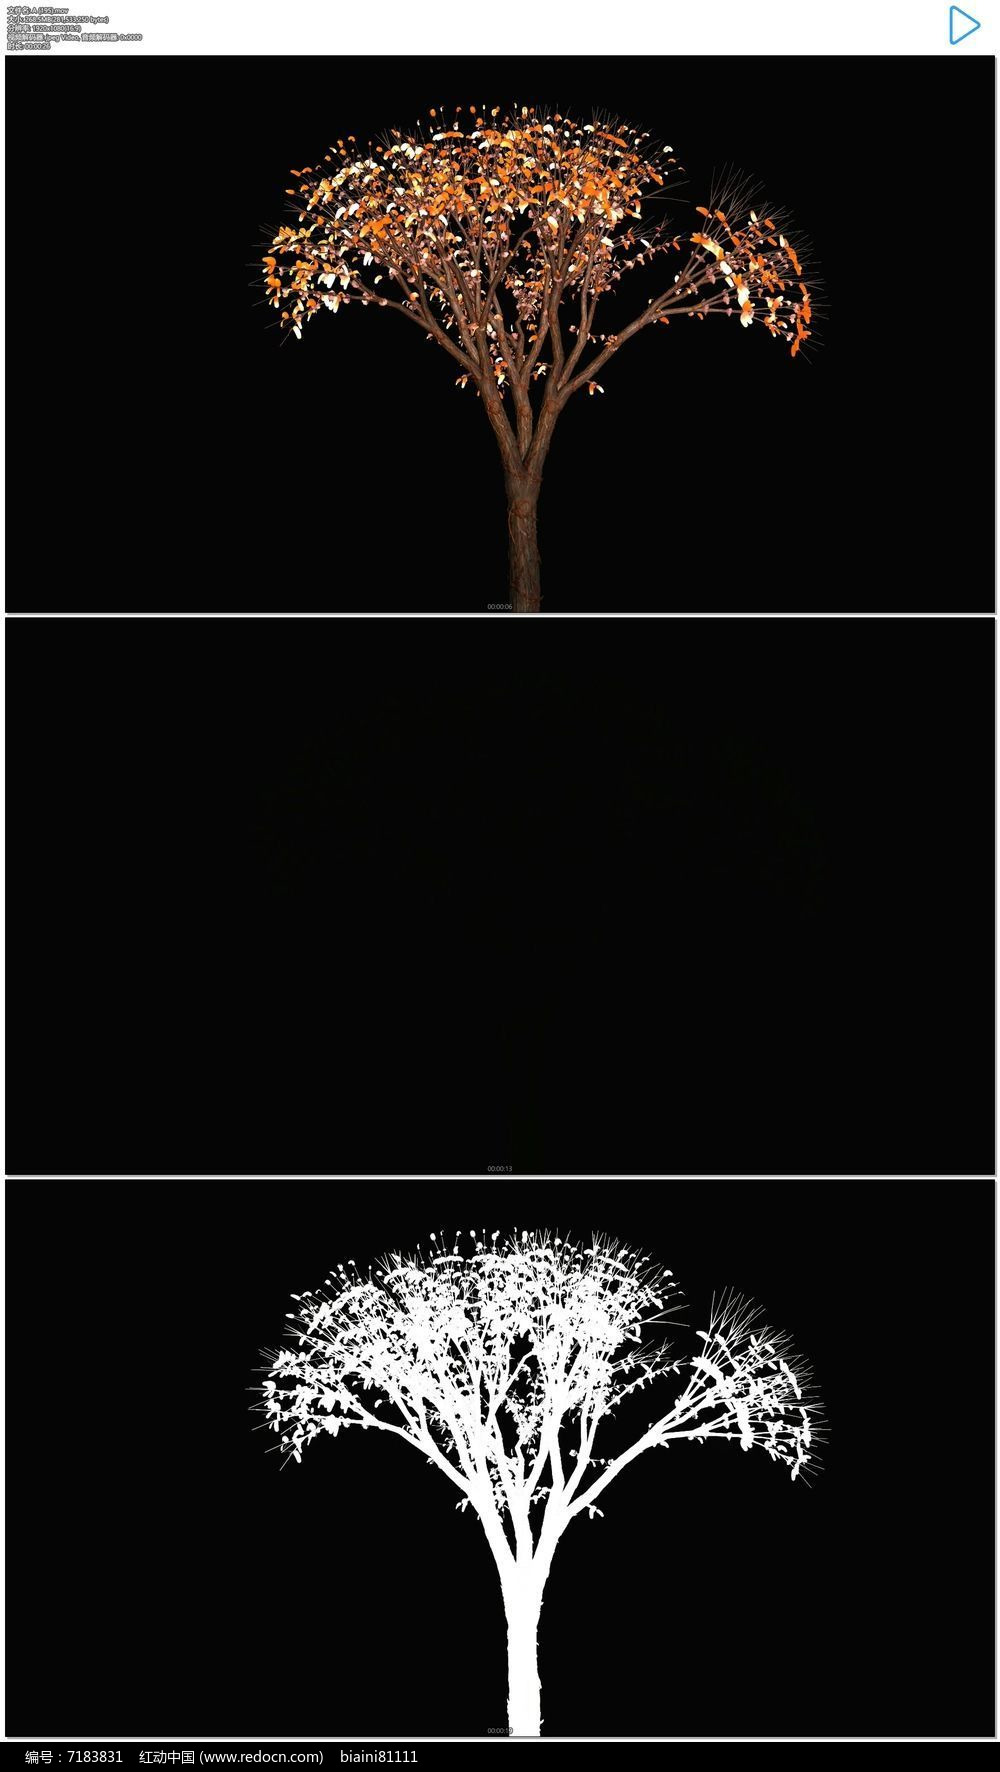 小树生长成大树视频素材